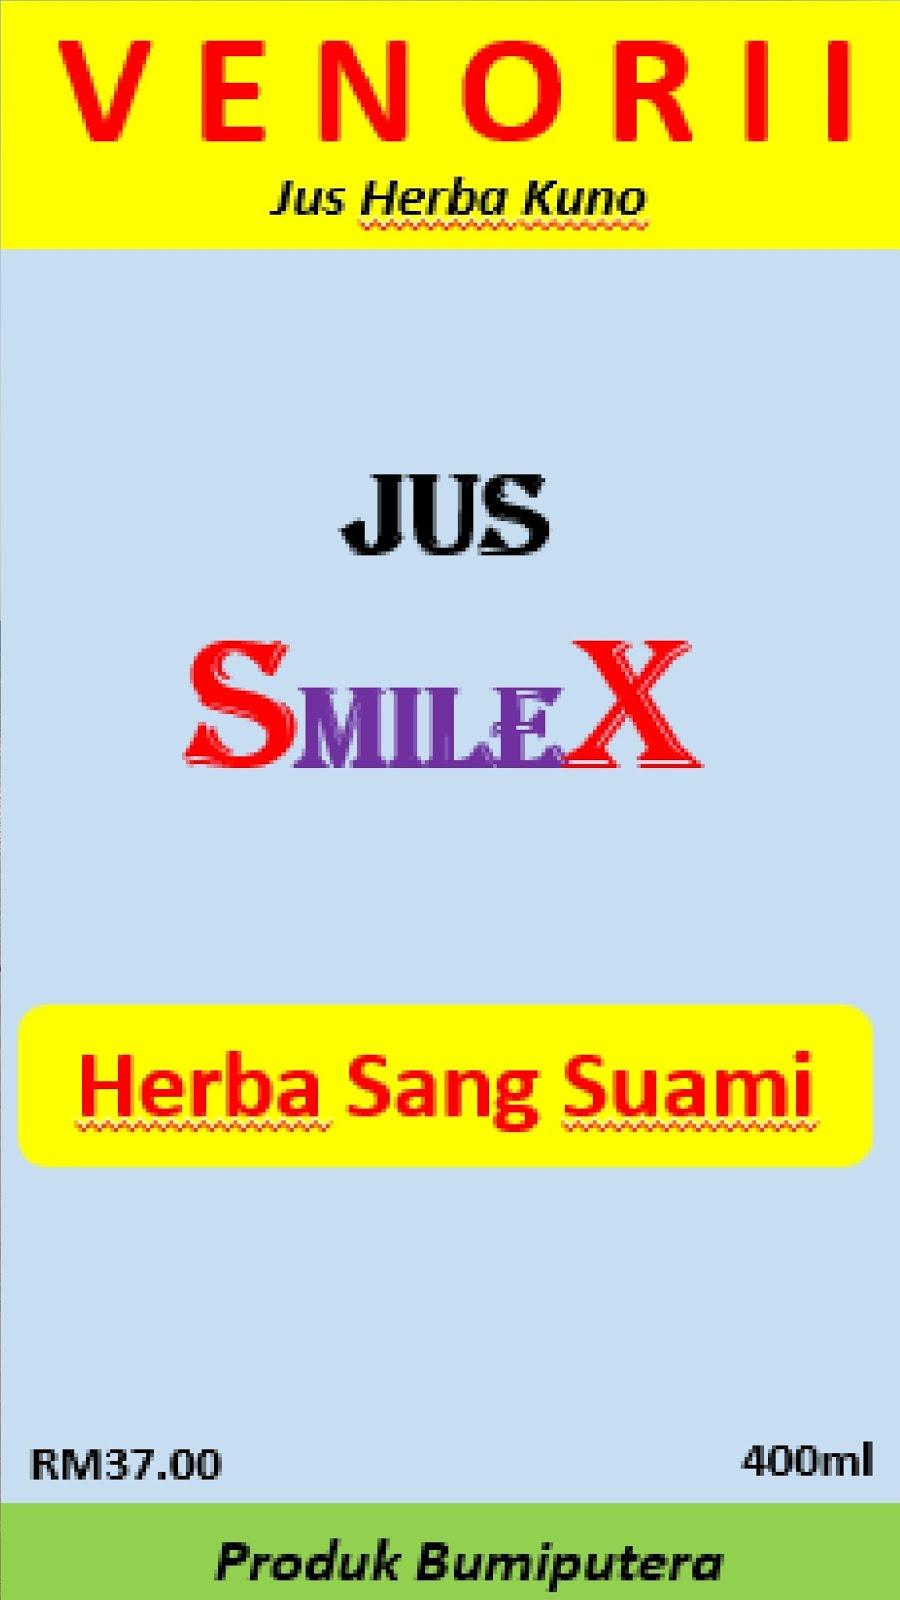 JUS SMILEX